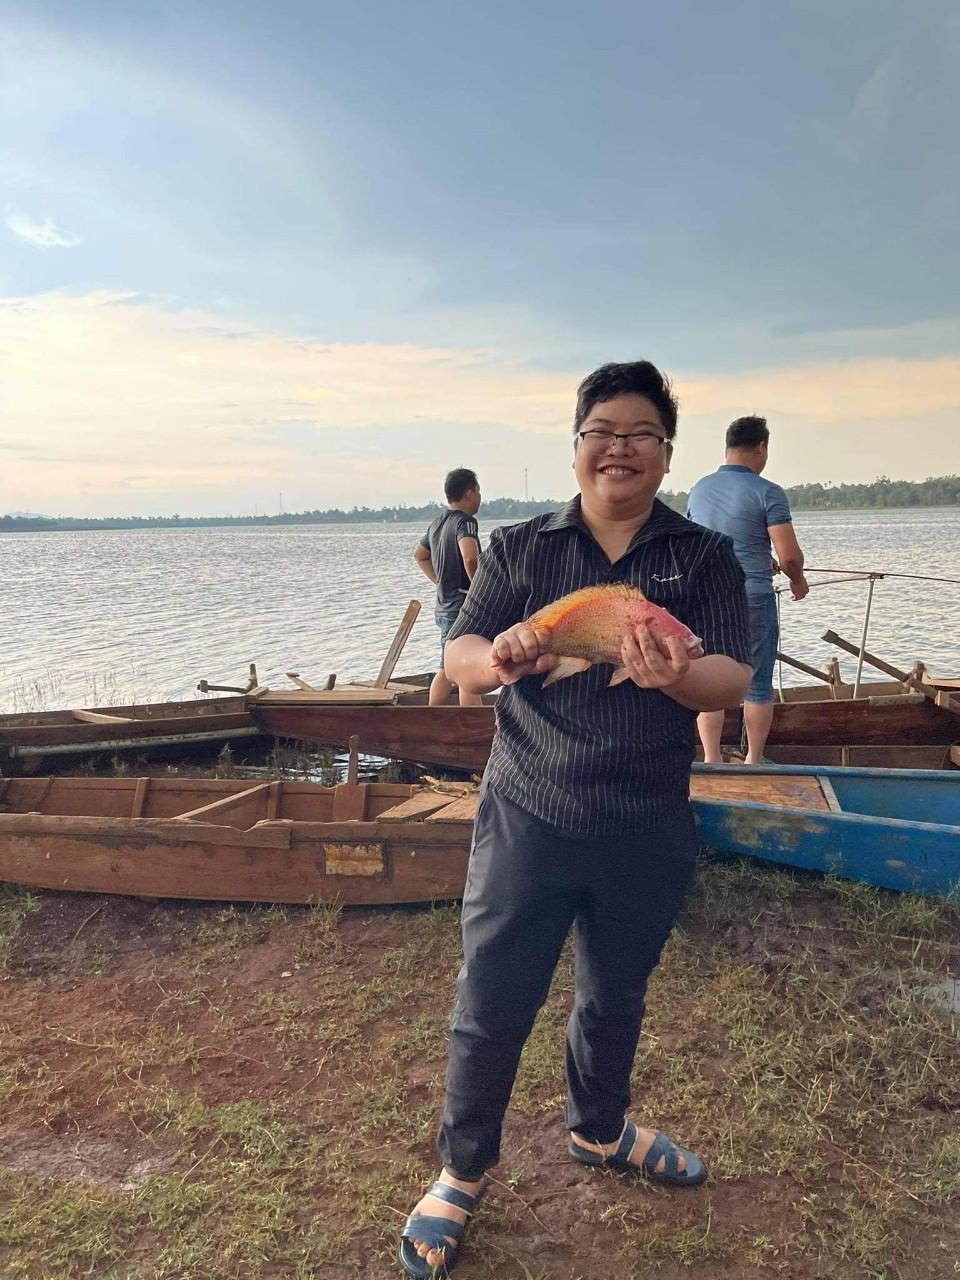 """Đắk Lắk: Giới trẻ mê mẩn điểm chụp hình sinh thái """"sống ảo"""" đẹp nao lòng - Ảnh 5."""